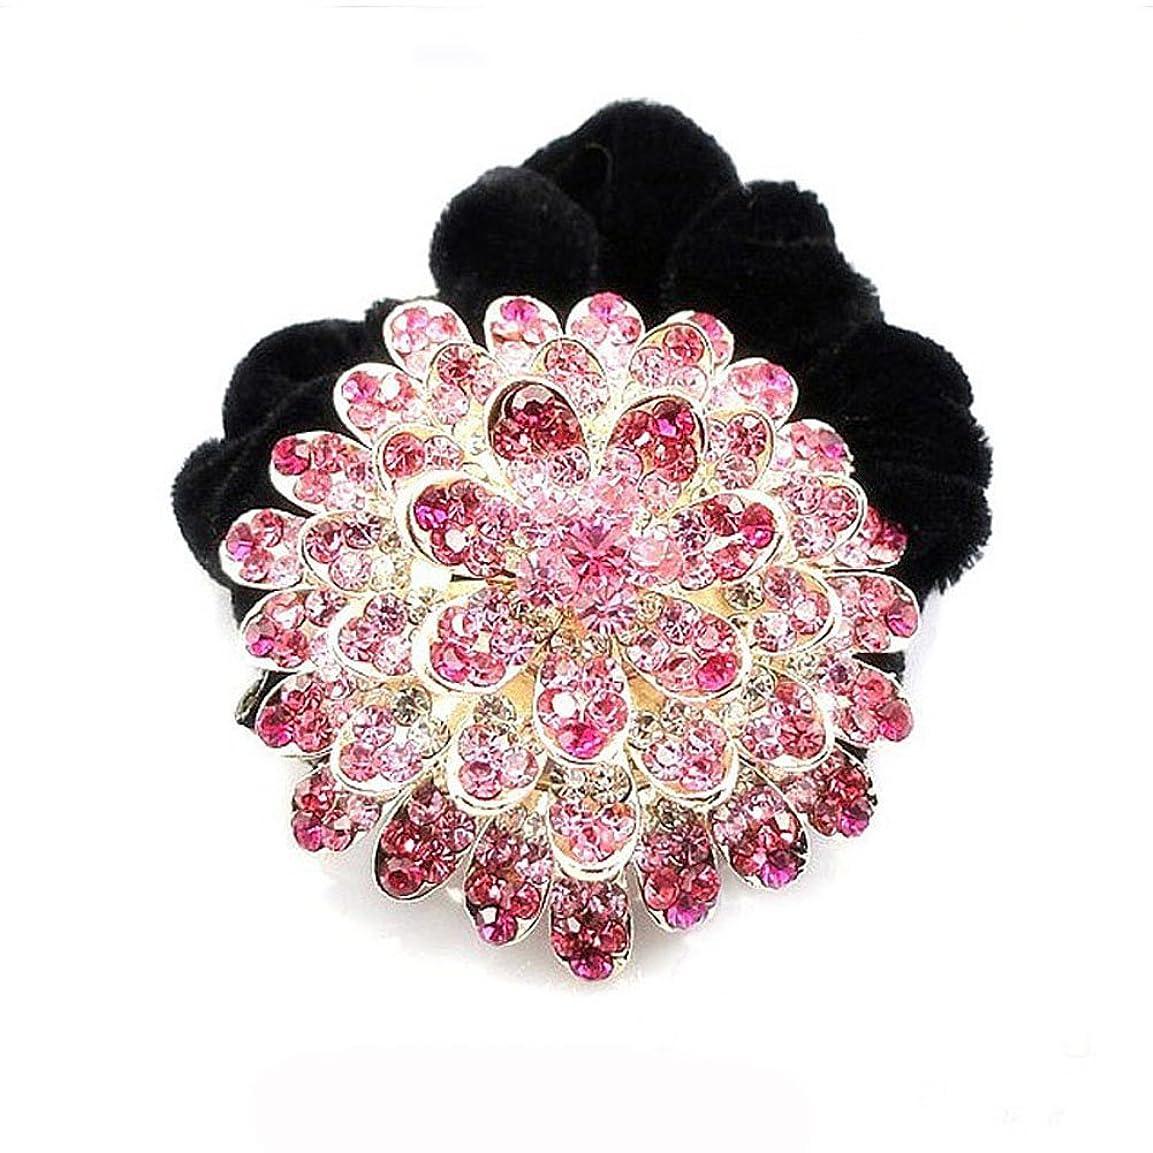 楽しむトチの実の木マルクス主義者高品位ベルベットリングクリスタルダイヤモンドヘアアクセサリー - ピンク